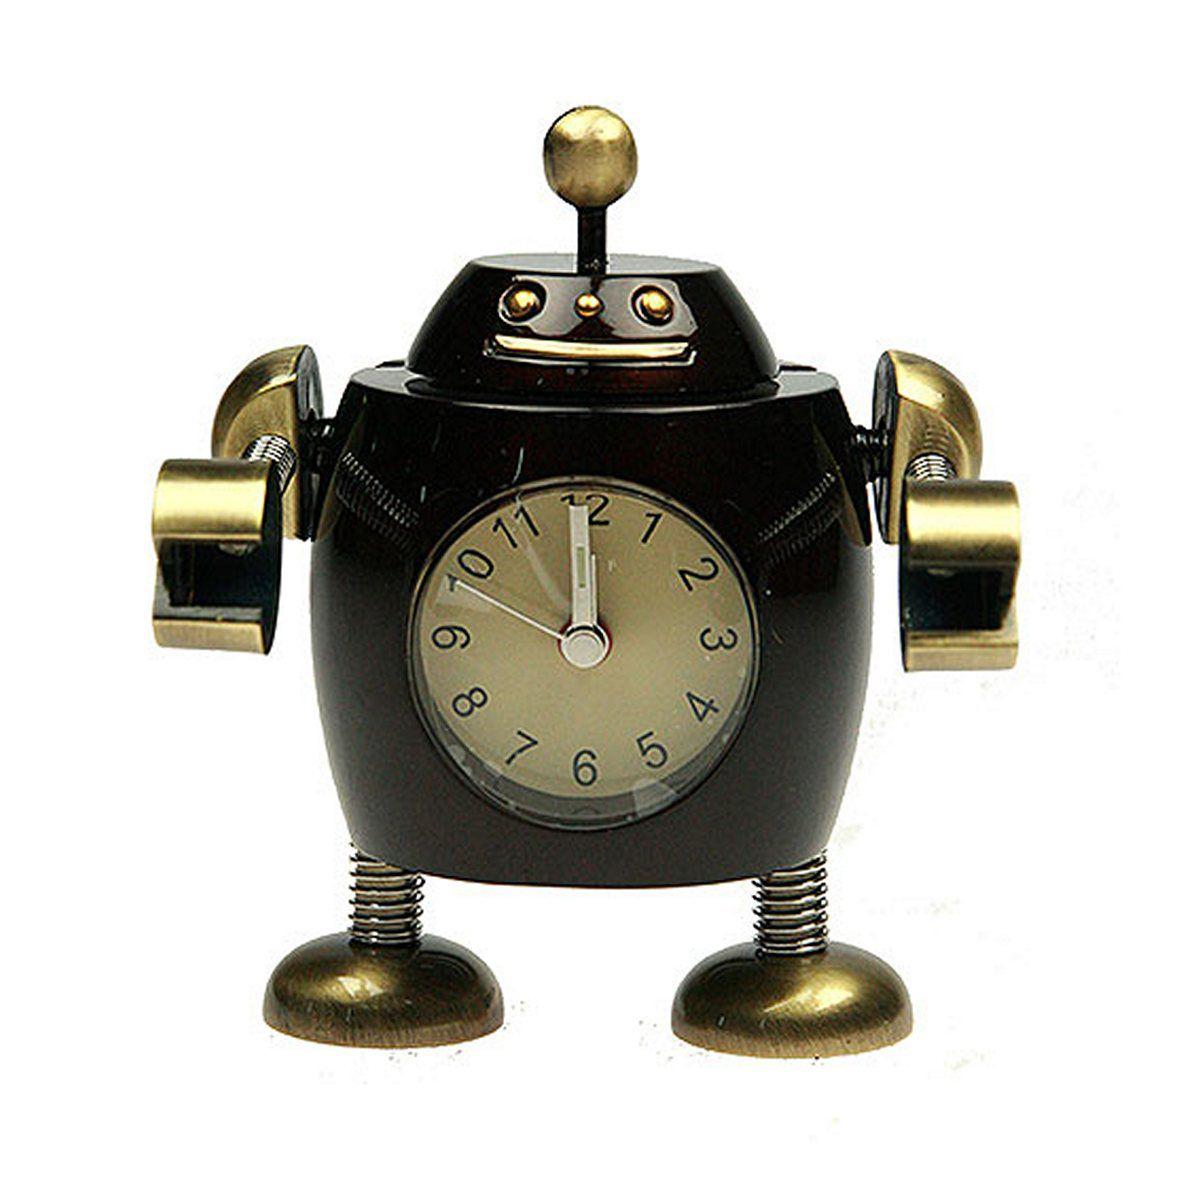 Часы настольные Русские Подарки Робот. 2243354 009318Настольные кварцевые часы Русские Подарки Робот изготовлены из металла. Изделие оригинально оформлено в виде робота. Часы имеют три стрелки - часовую, минутную и секундную.Такие часы украсят интерьер дома или рабочий стол в офисе. Также часы могут стать уникальным, полезным подарком для родственников, коллег, знакомых и близких.Часы работают от батареек типа SR626 (в комплект не входят).